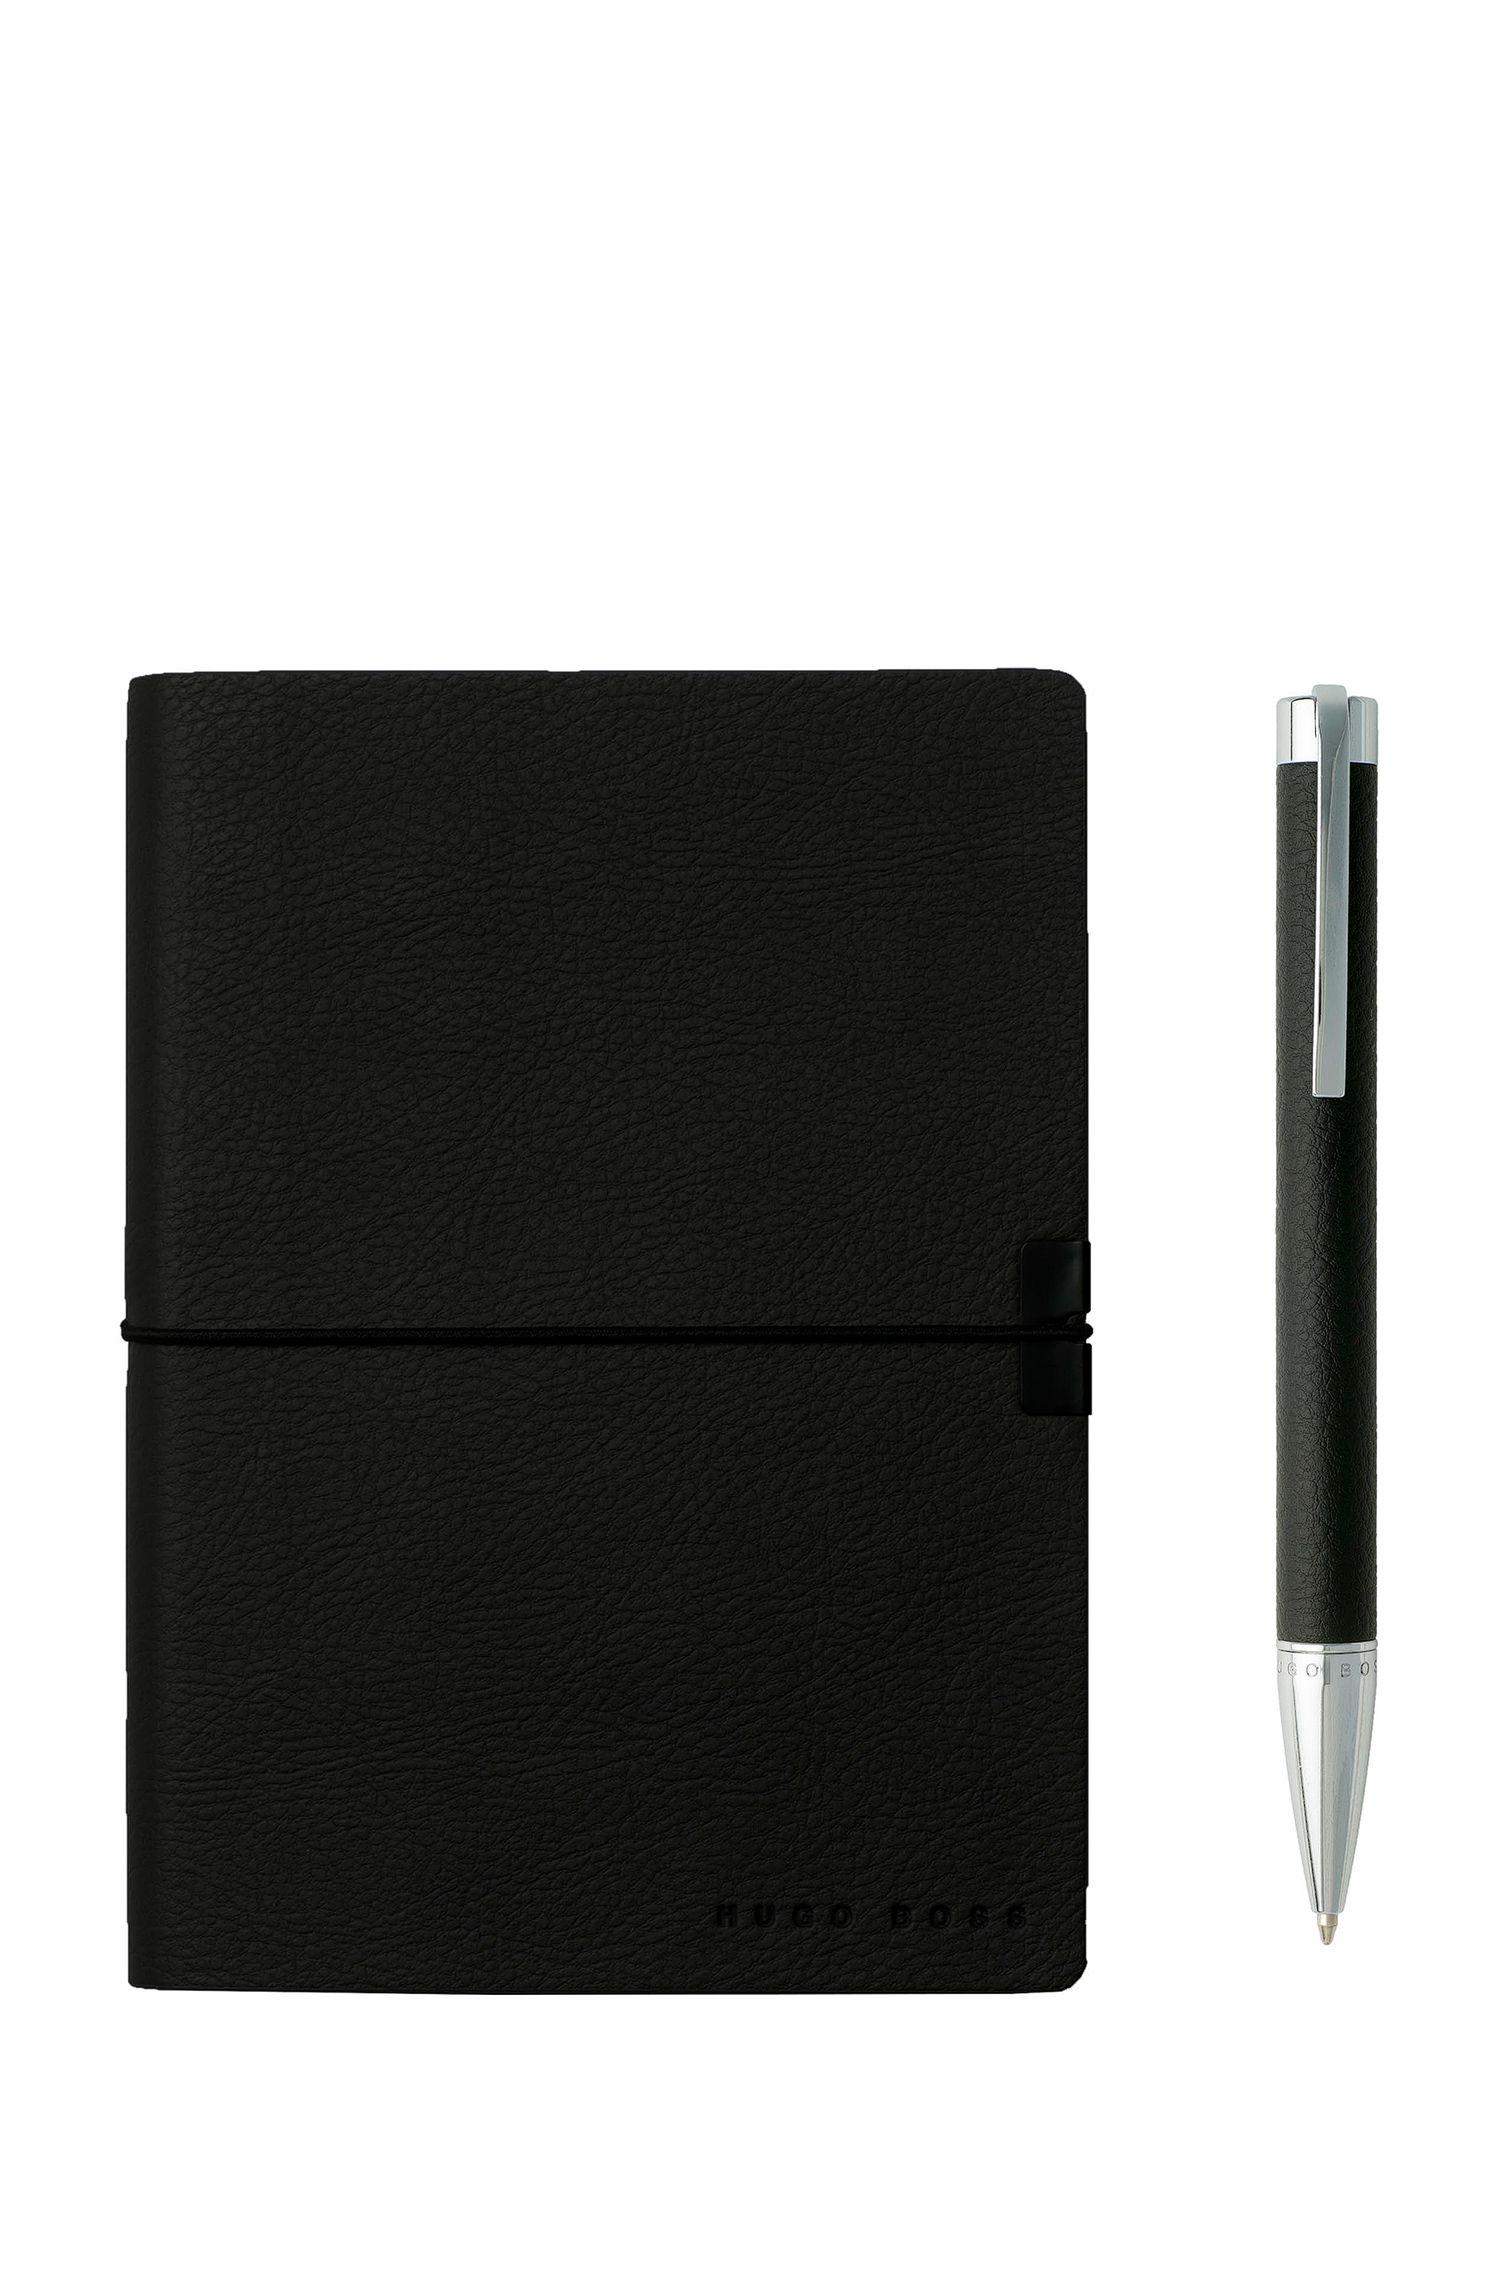 Coffret cadeau composé d'un carnetA6 et d'un stylo à bille en similicuir noir